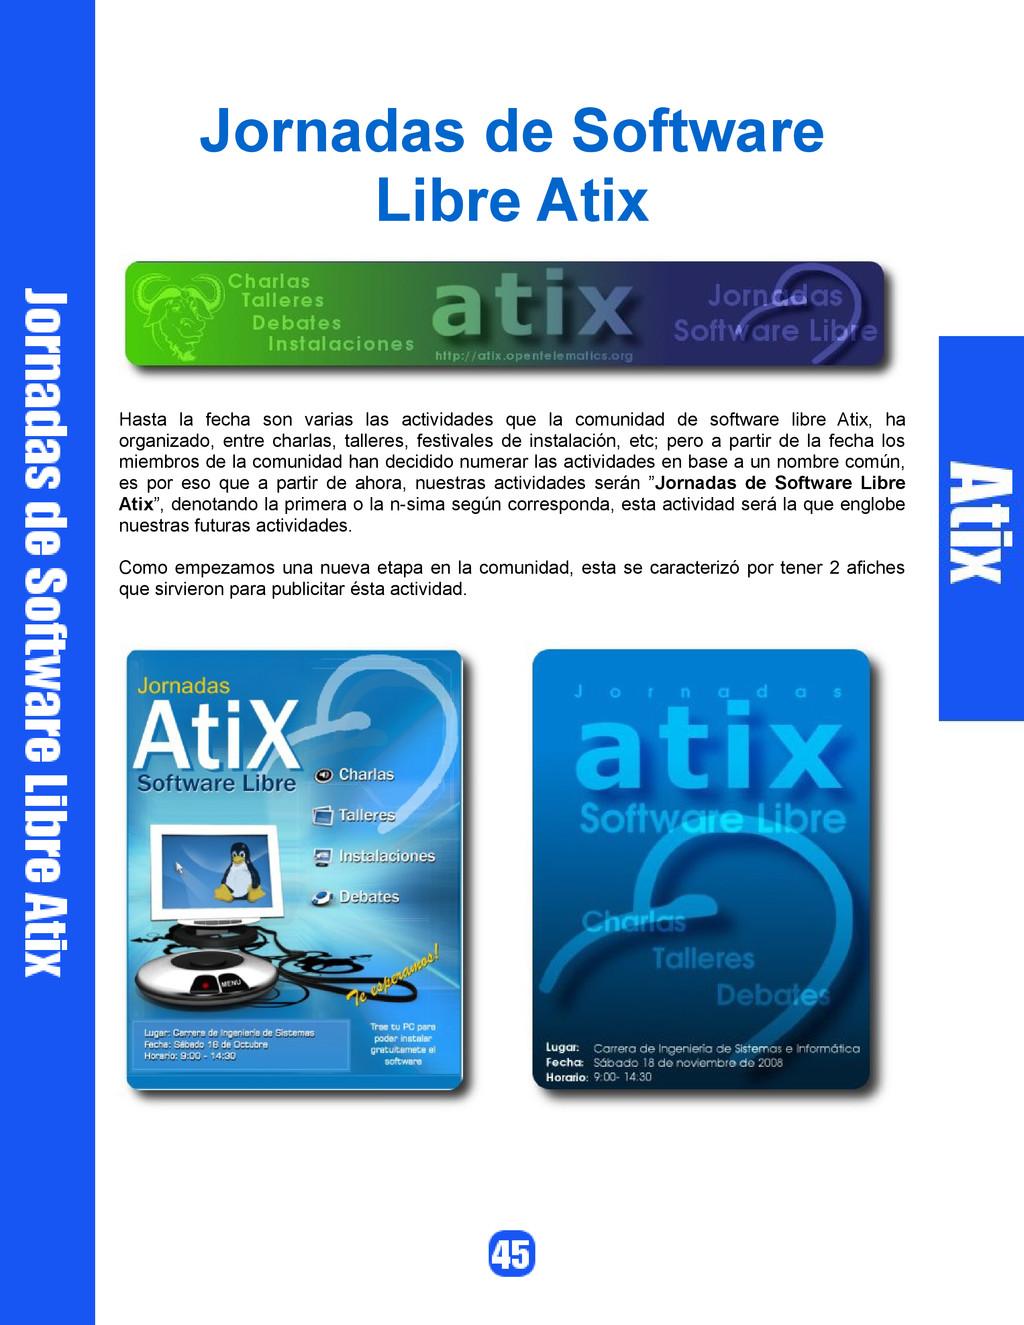 Jornadas de Software Libre Atix Hasta la fecha ...